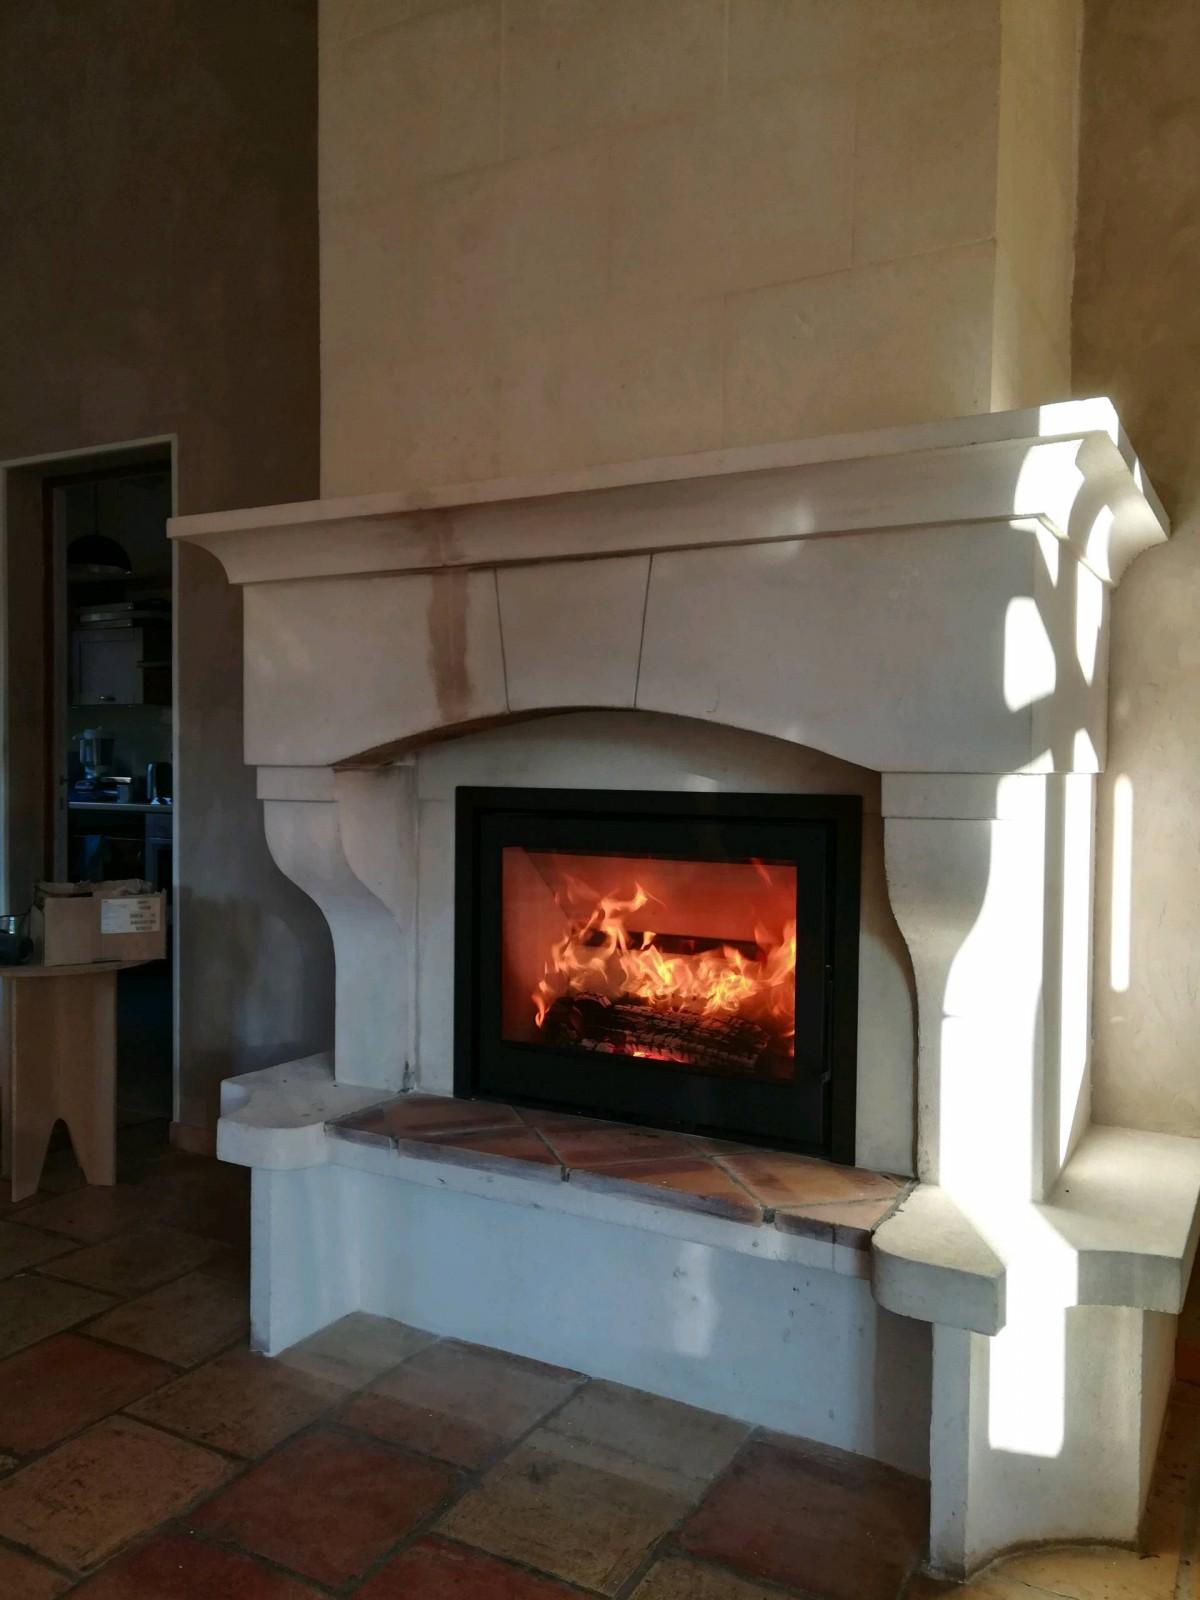 Installation D Un Insert Dans Une Cheminee Ancienne A Aix En Provence Vente De Foyers Et Poeles A Bois Sur Avignon Cheminees Conception